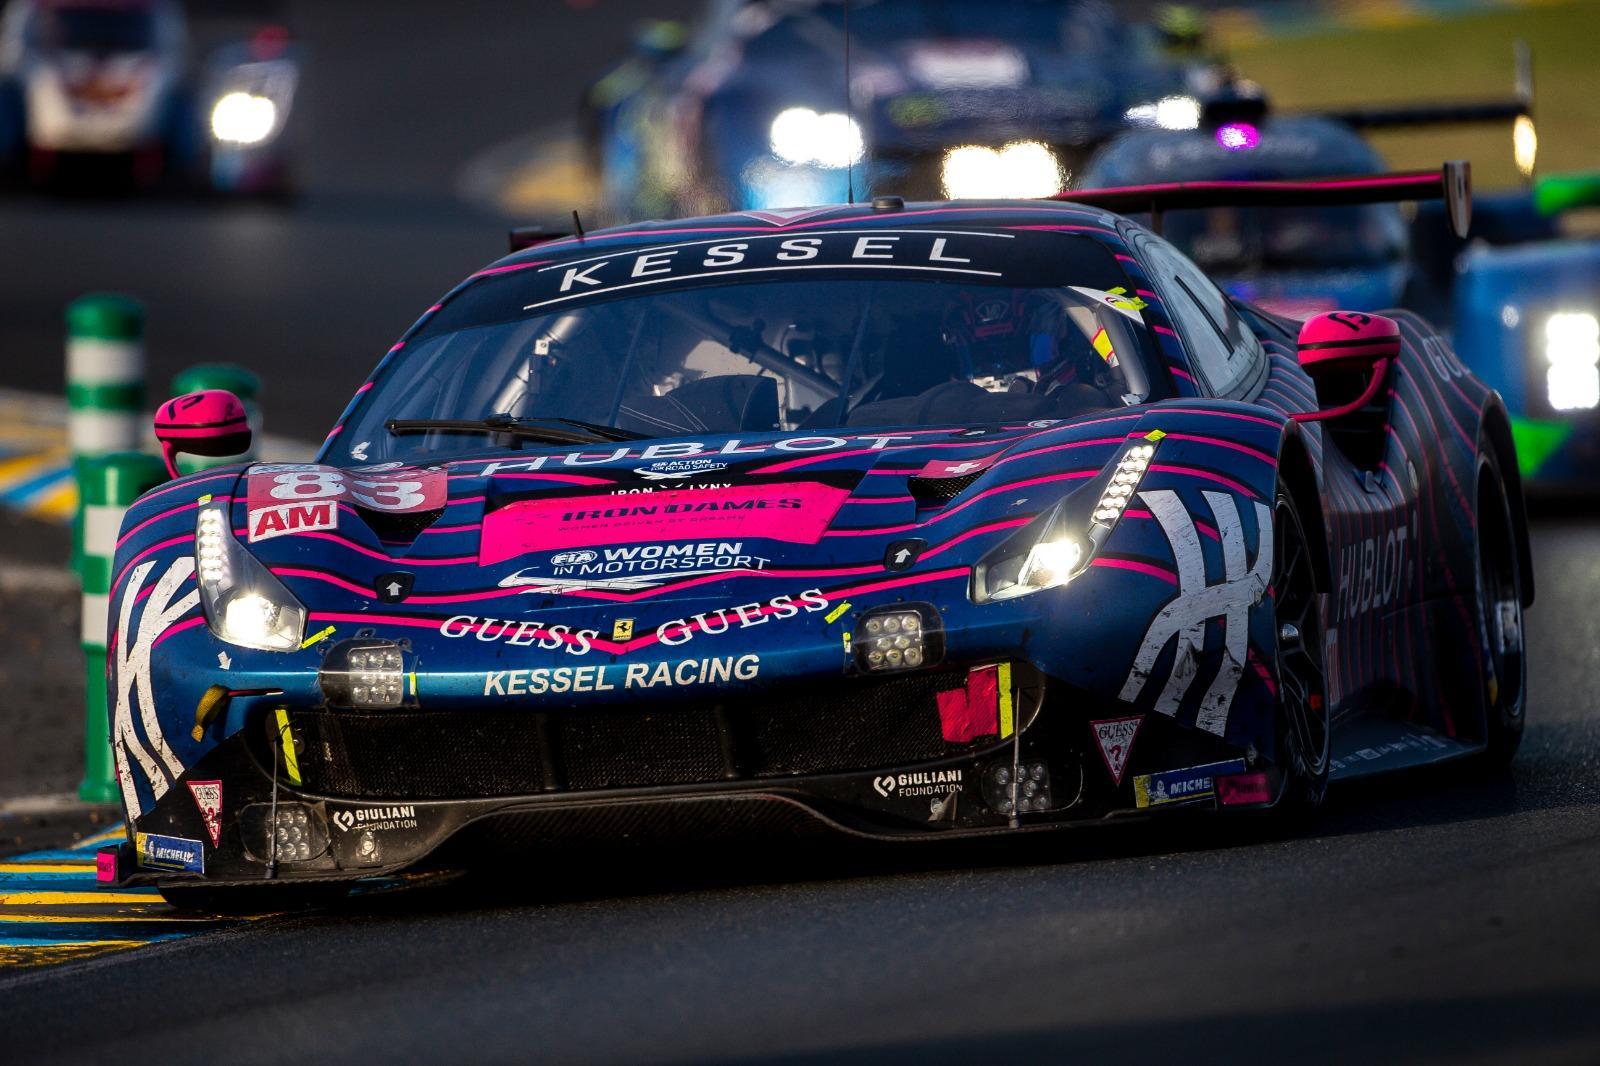 L'adrenalina della partenza, poi la notte con i giochi di luce e la stanchezza dei meccanici, l'alba e i suoi colori e infine la bandiera a scacchi che ha dato il via alla festa. Emozioni uniche all'interno del team Kessel che ha fatto la storia della 24 Ore di Le Mans schierando per la prima volta un equipaggio tutto femminile (Gostner, Gatting e Frey) al volante di una Ferrari, la 488 GTE. Le ragazze si sono ben comportate chiudendo in decima posizione nella classe LMGTE AM: ecco la fotostory. Foto Kessel-PLAN image (Stefano Arcari-Andrea Lorenzina).